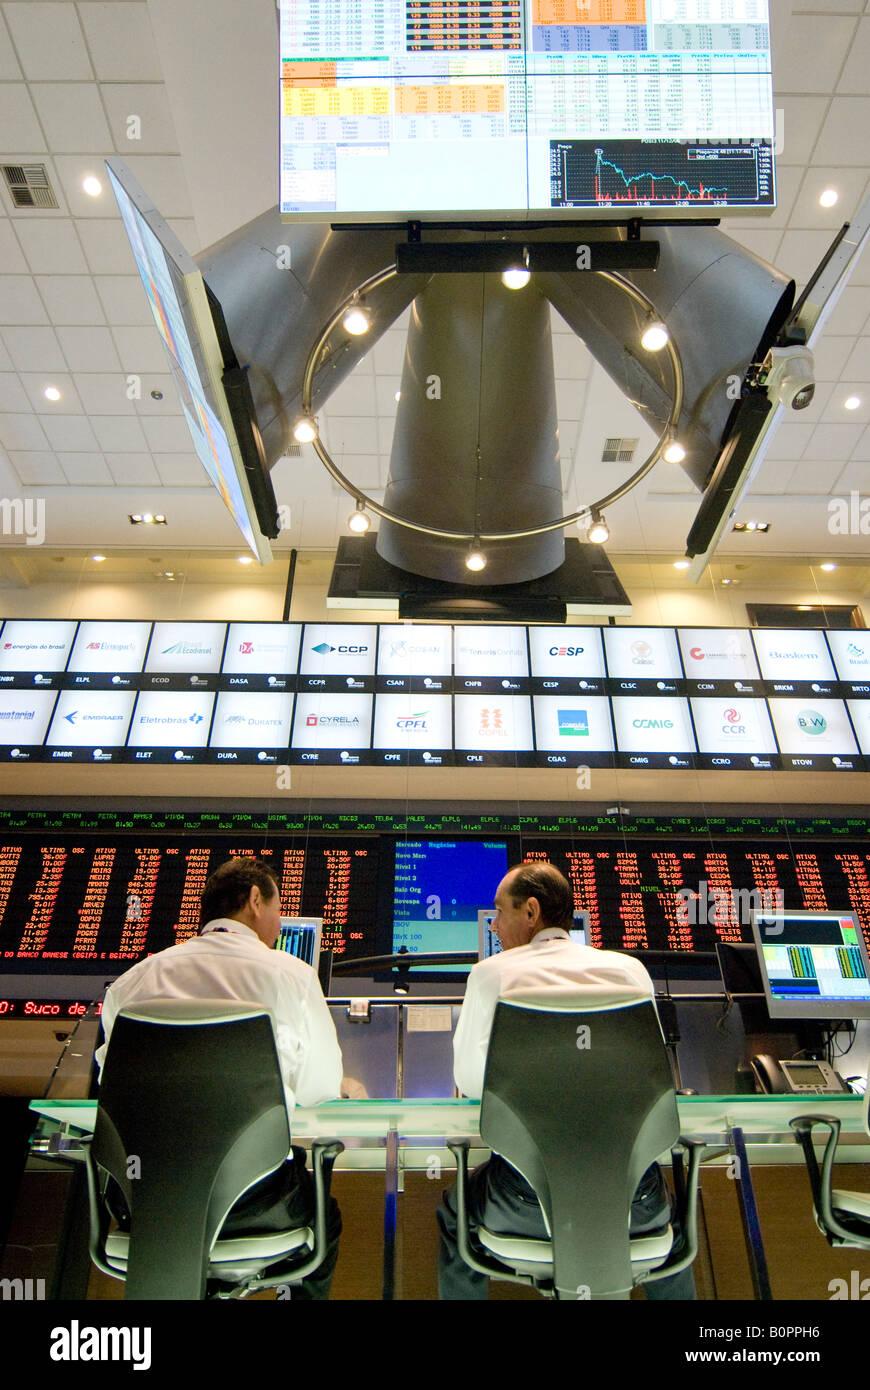 Corredores de Bolsa operan en Bovespa de Sao Paulo, Brasil, 02 08 08 Imagen De Stock